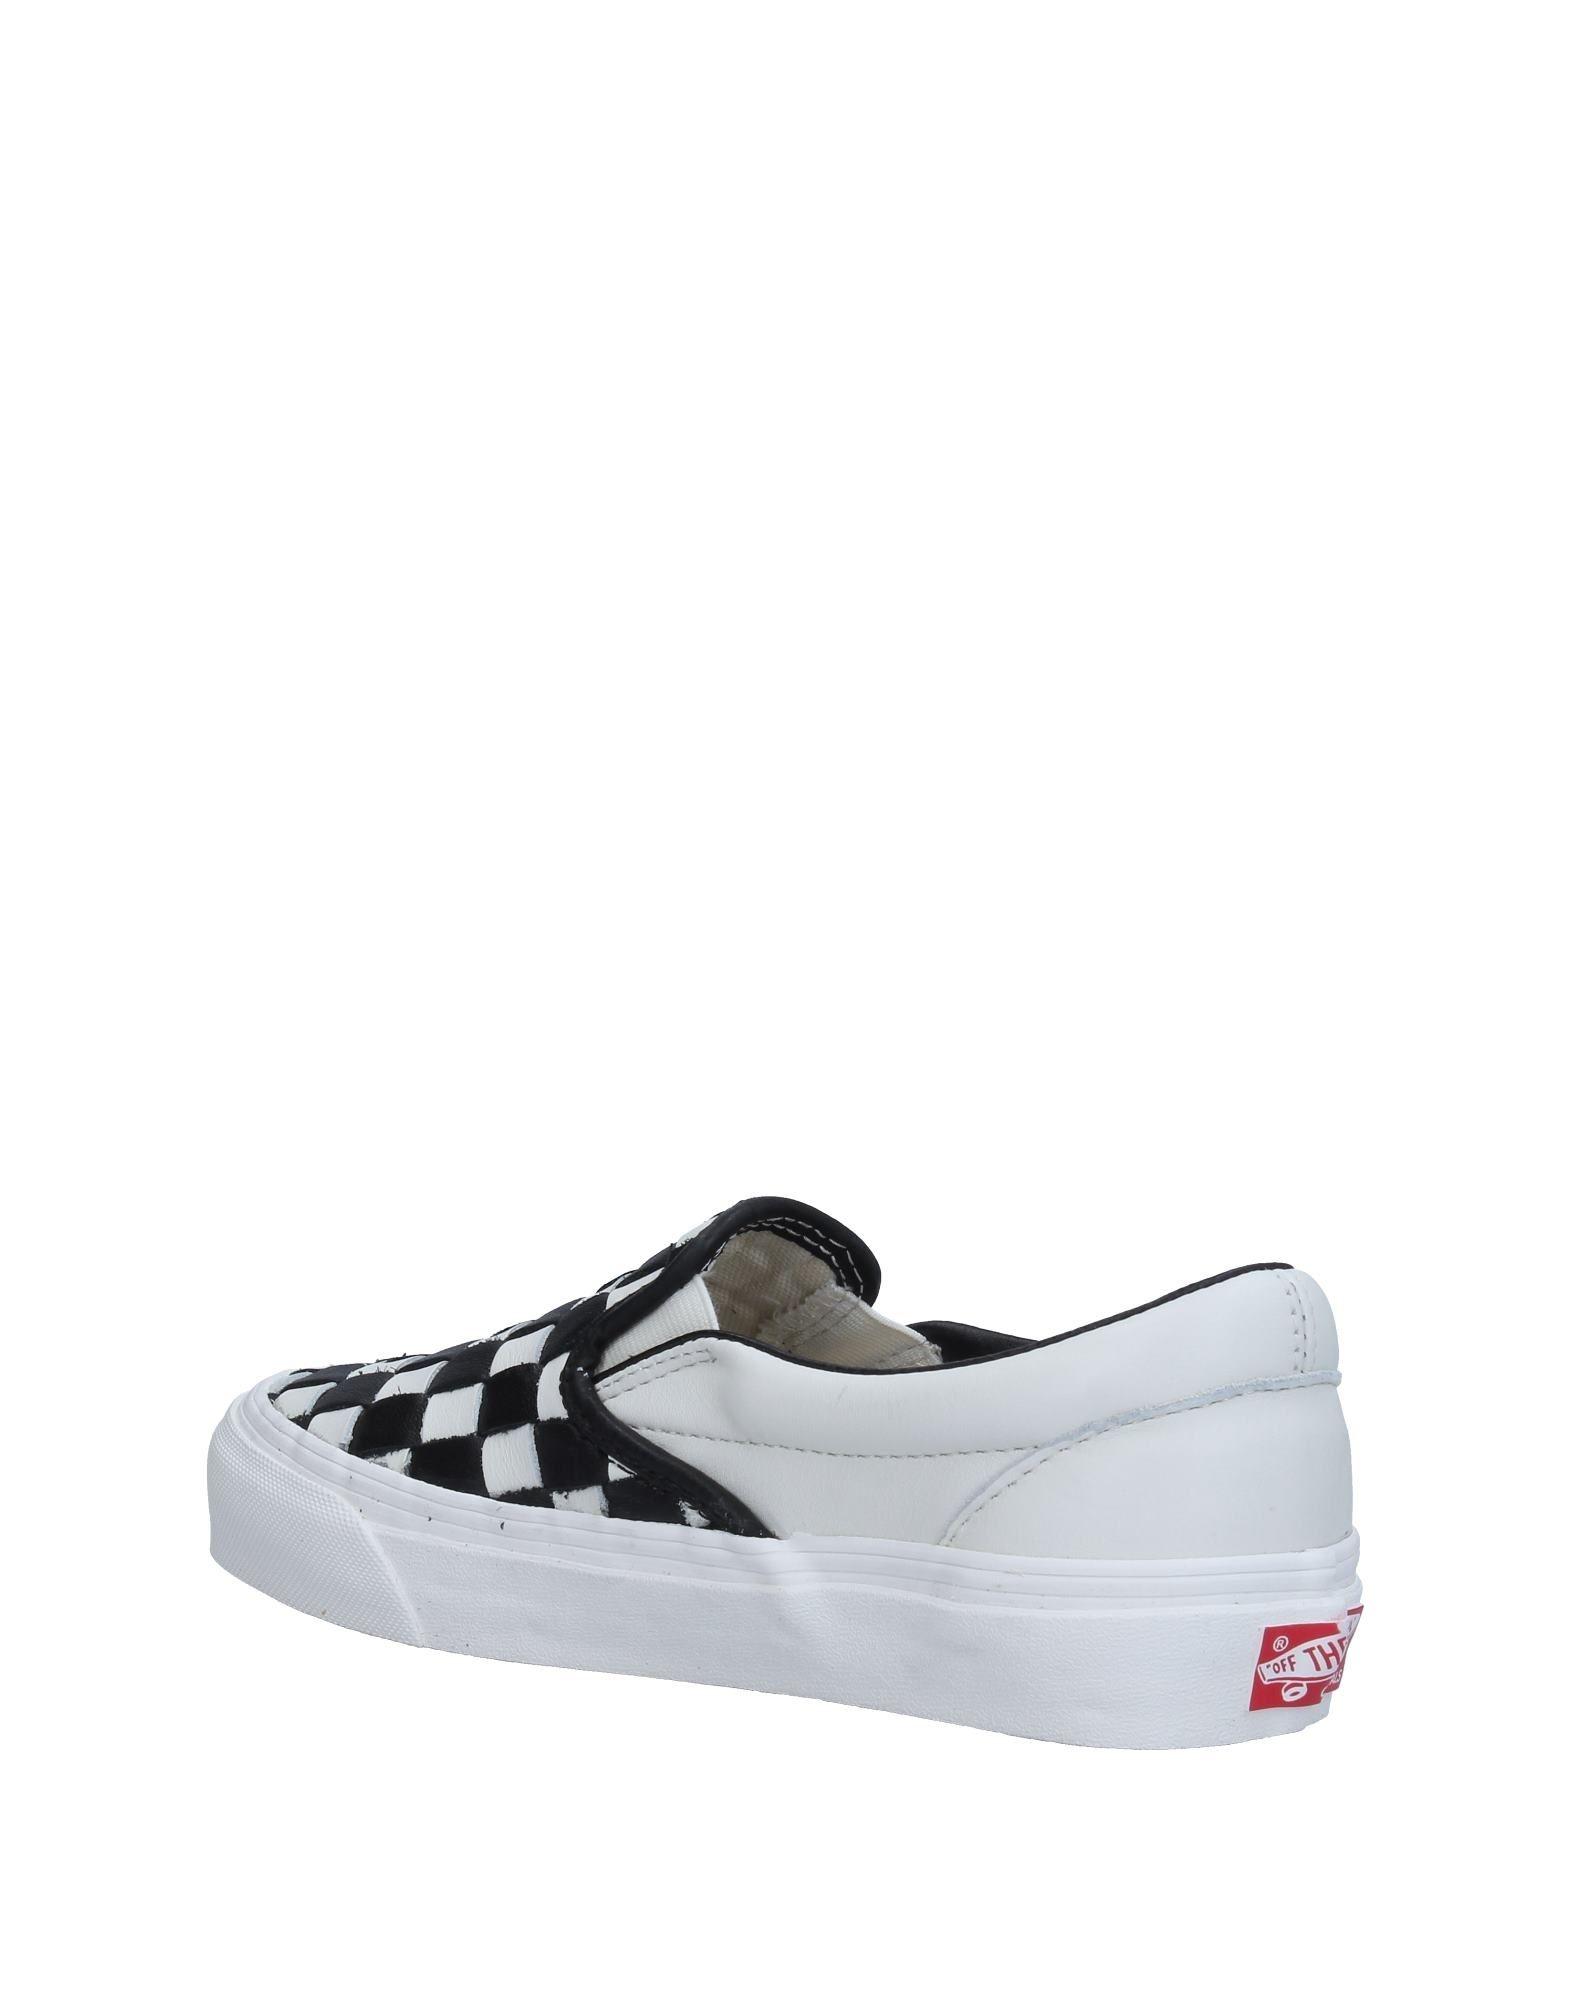 Vans Sneakers Damen  Schuhe 11313299SS Gute Qualität beliebte Schuhe  9069d7